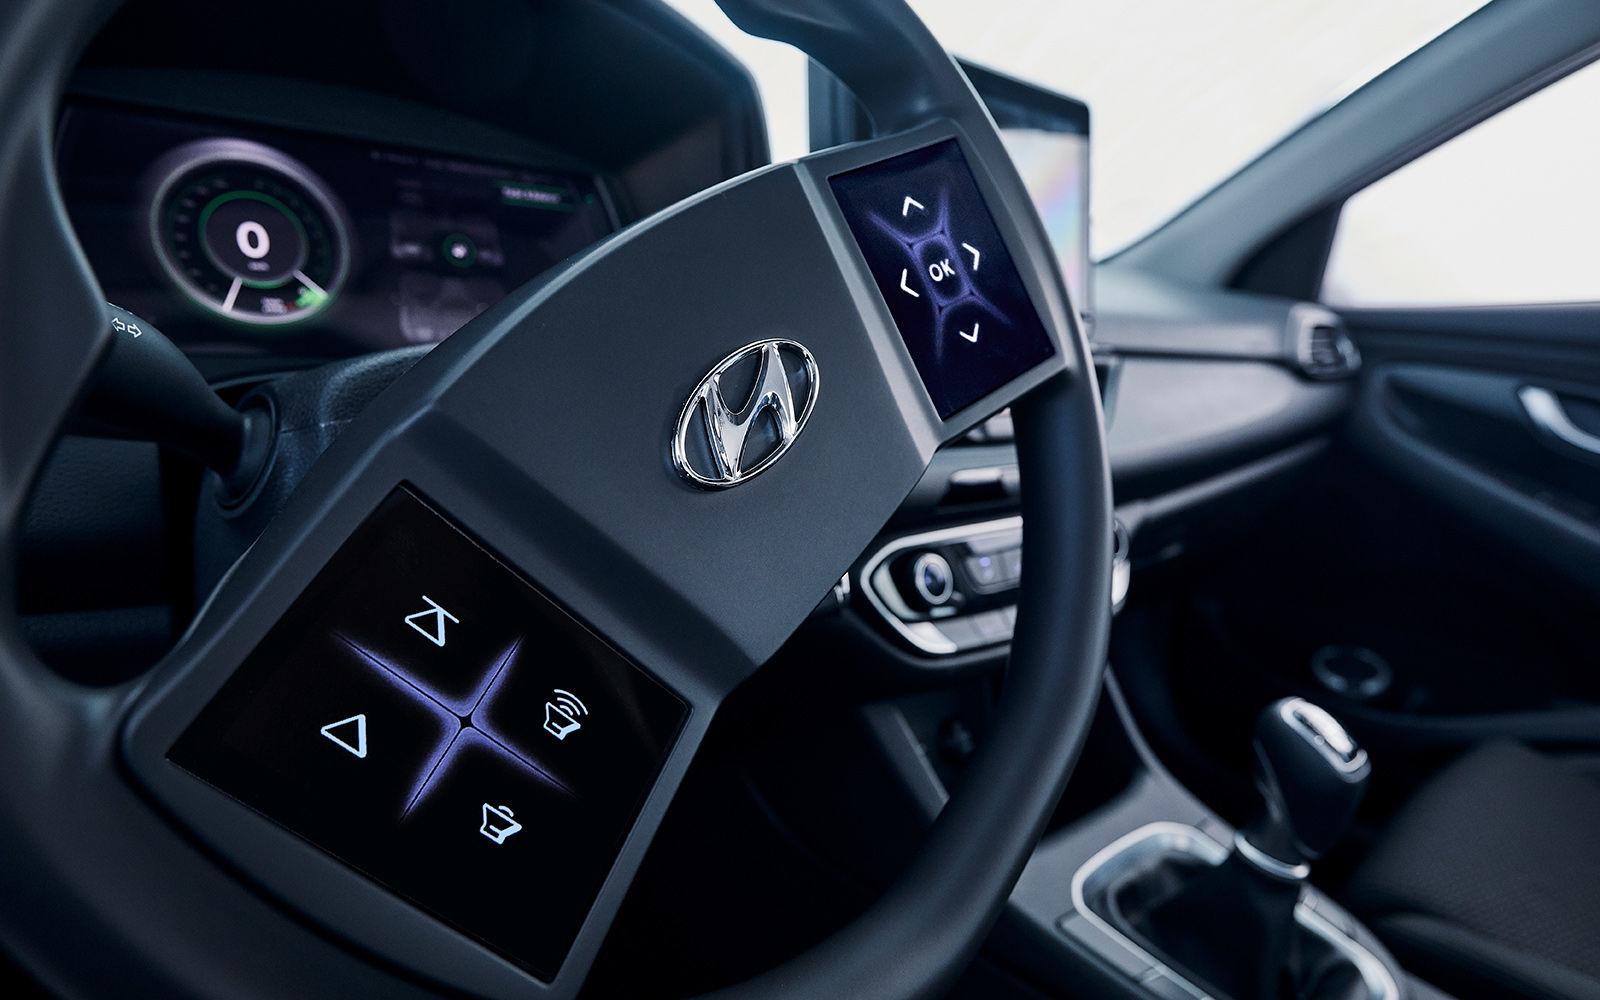 Il cruscotto del futuro secondo Hyundai thumbnail